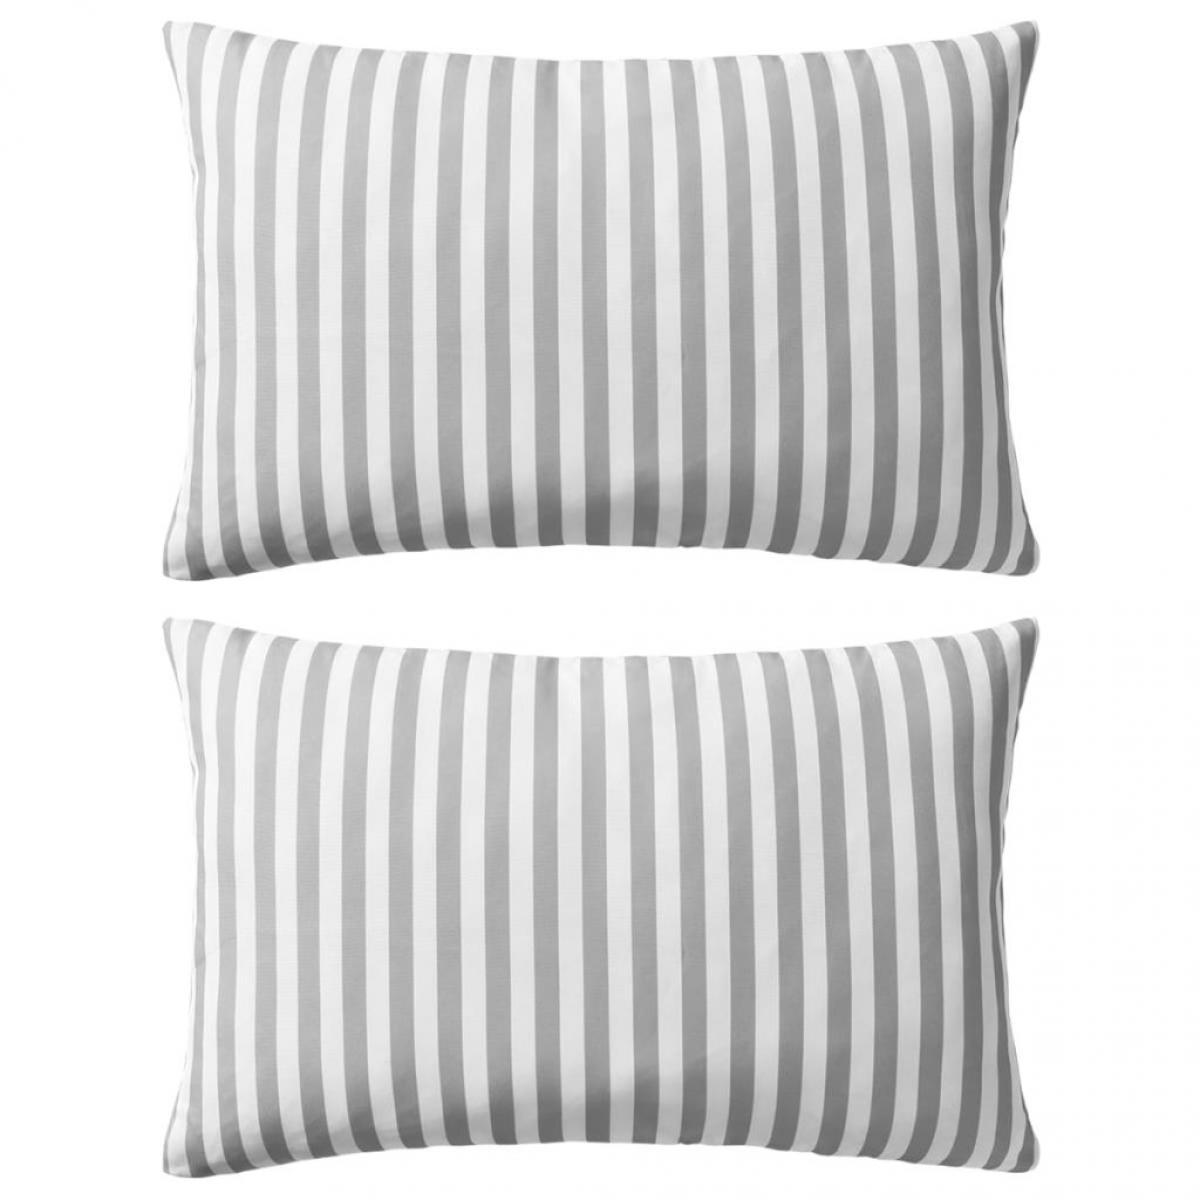 Decoshop26 Lot de 2 coussins oreiller pour extérieur décoration jardin 60 x 40 cm rayure gris DEC020111